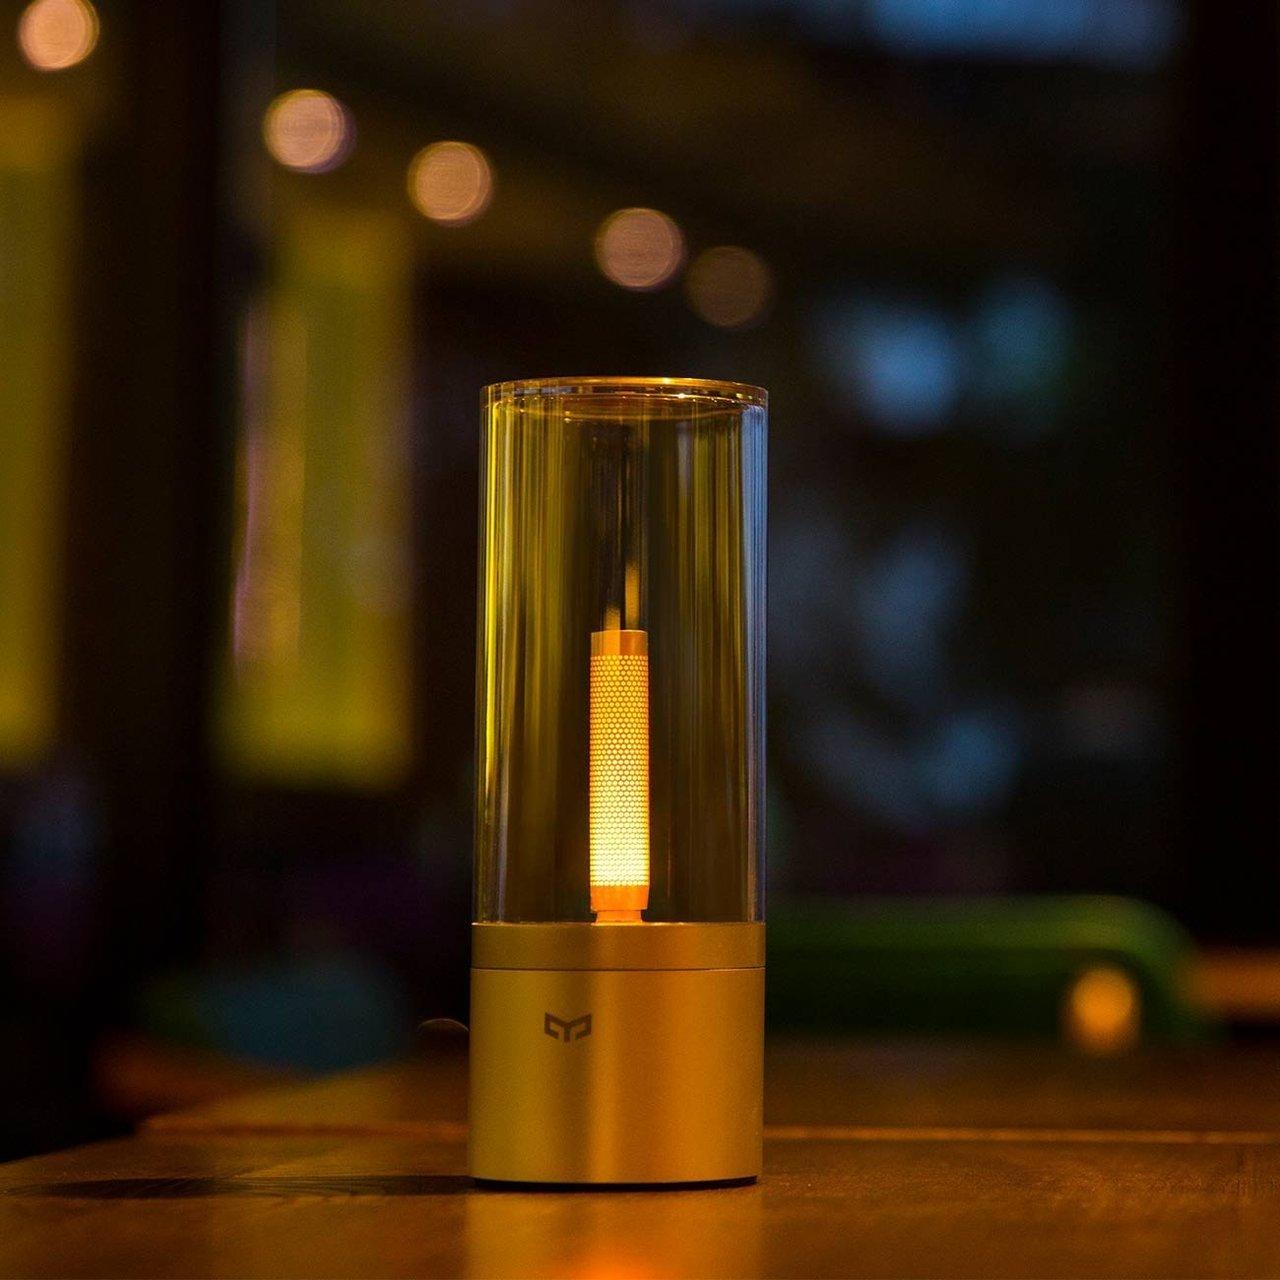 Candela Smart Mood Candlelight